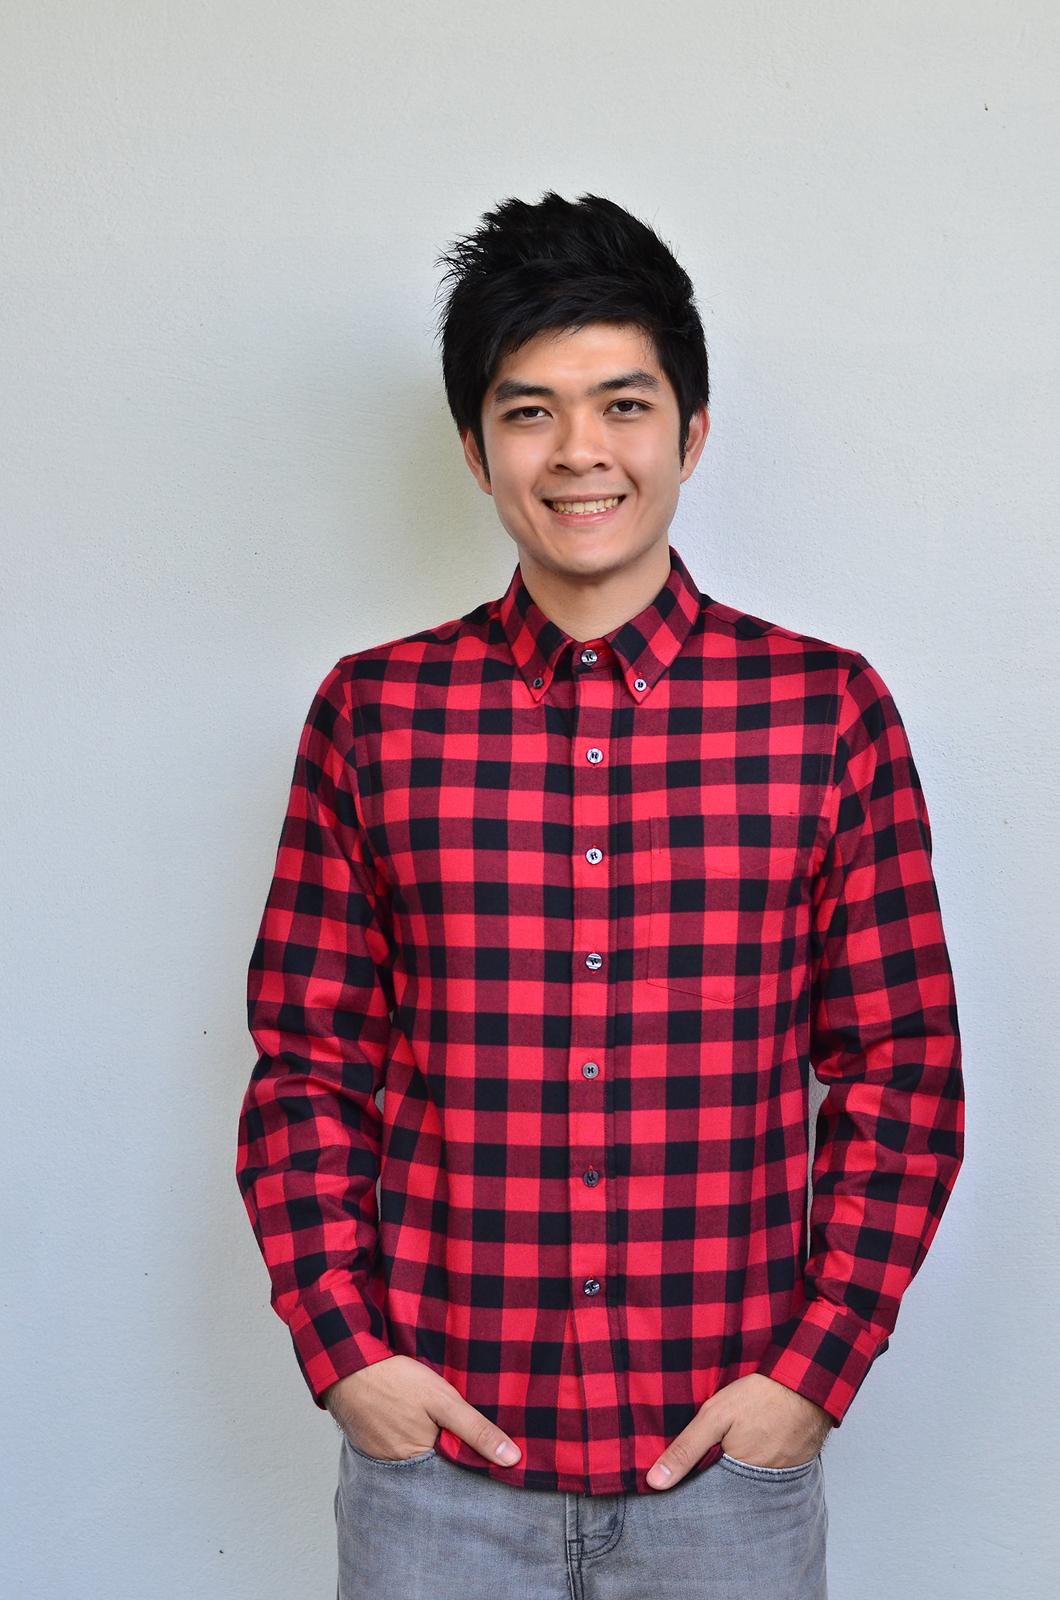 เสื้อลายสก๊อตผู้ชายสีแดง Red Flannel Shirt